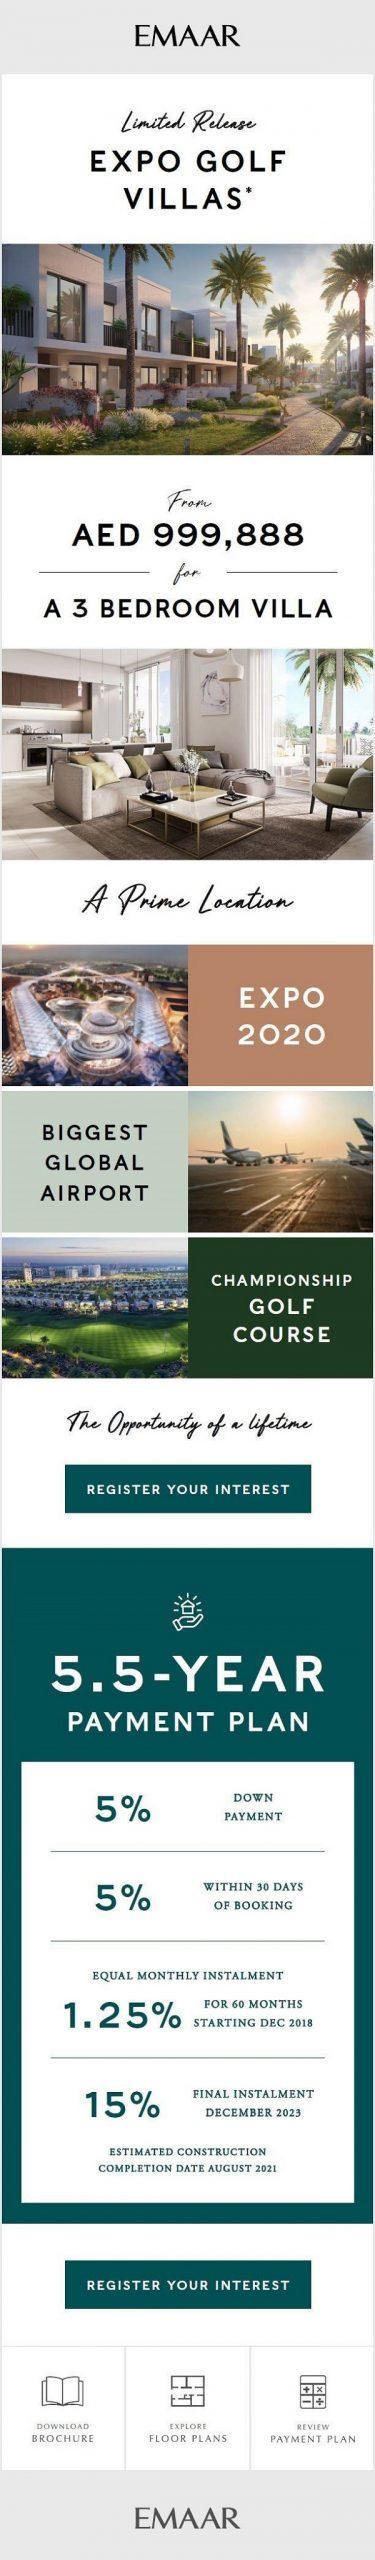 Expo Golf Villas - Emaar - Launch